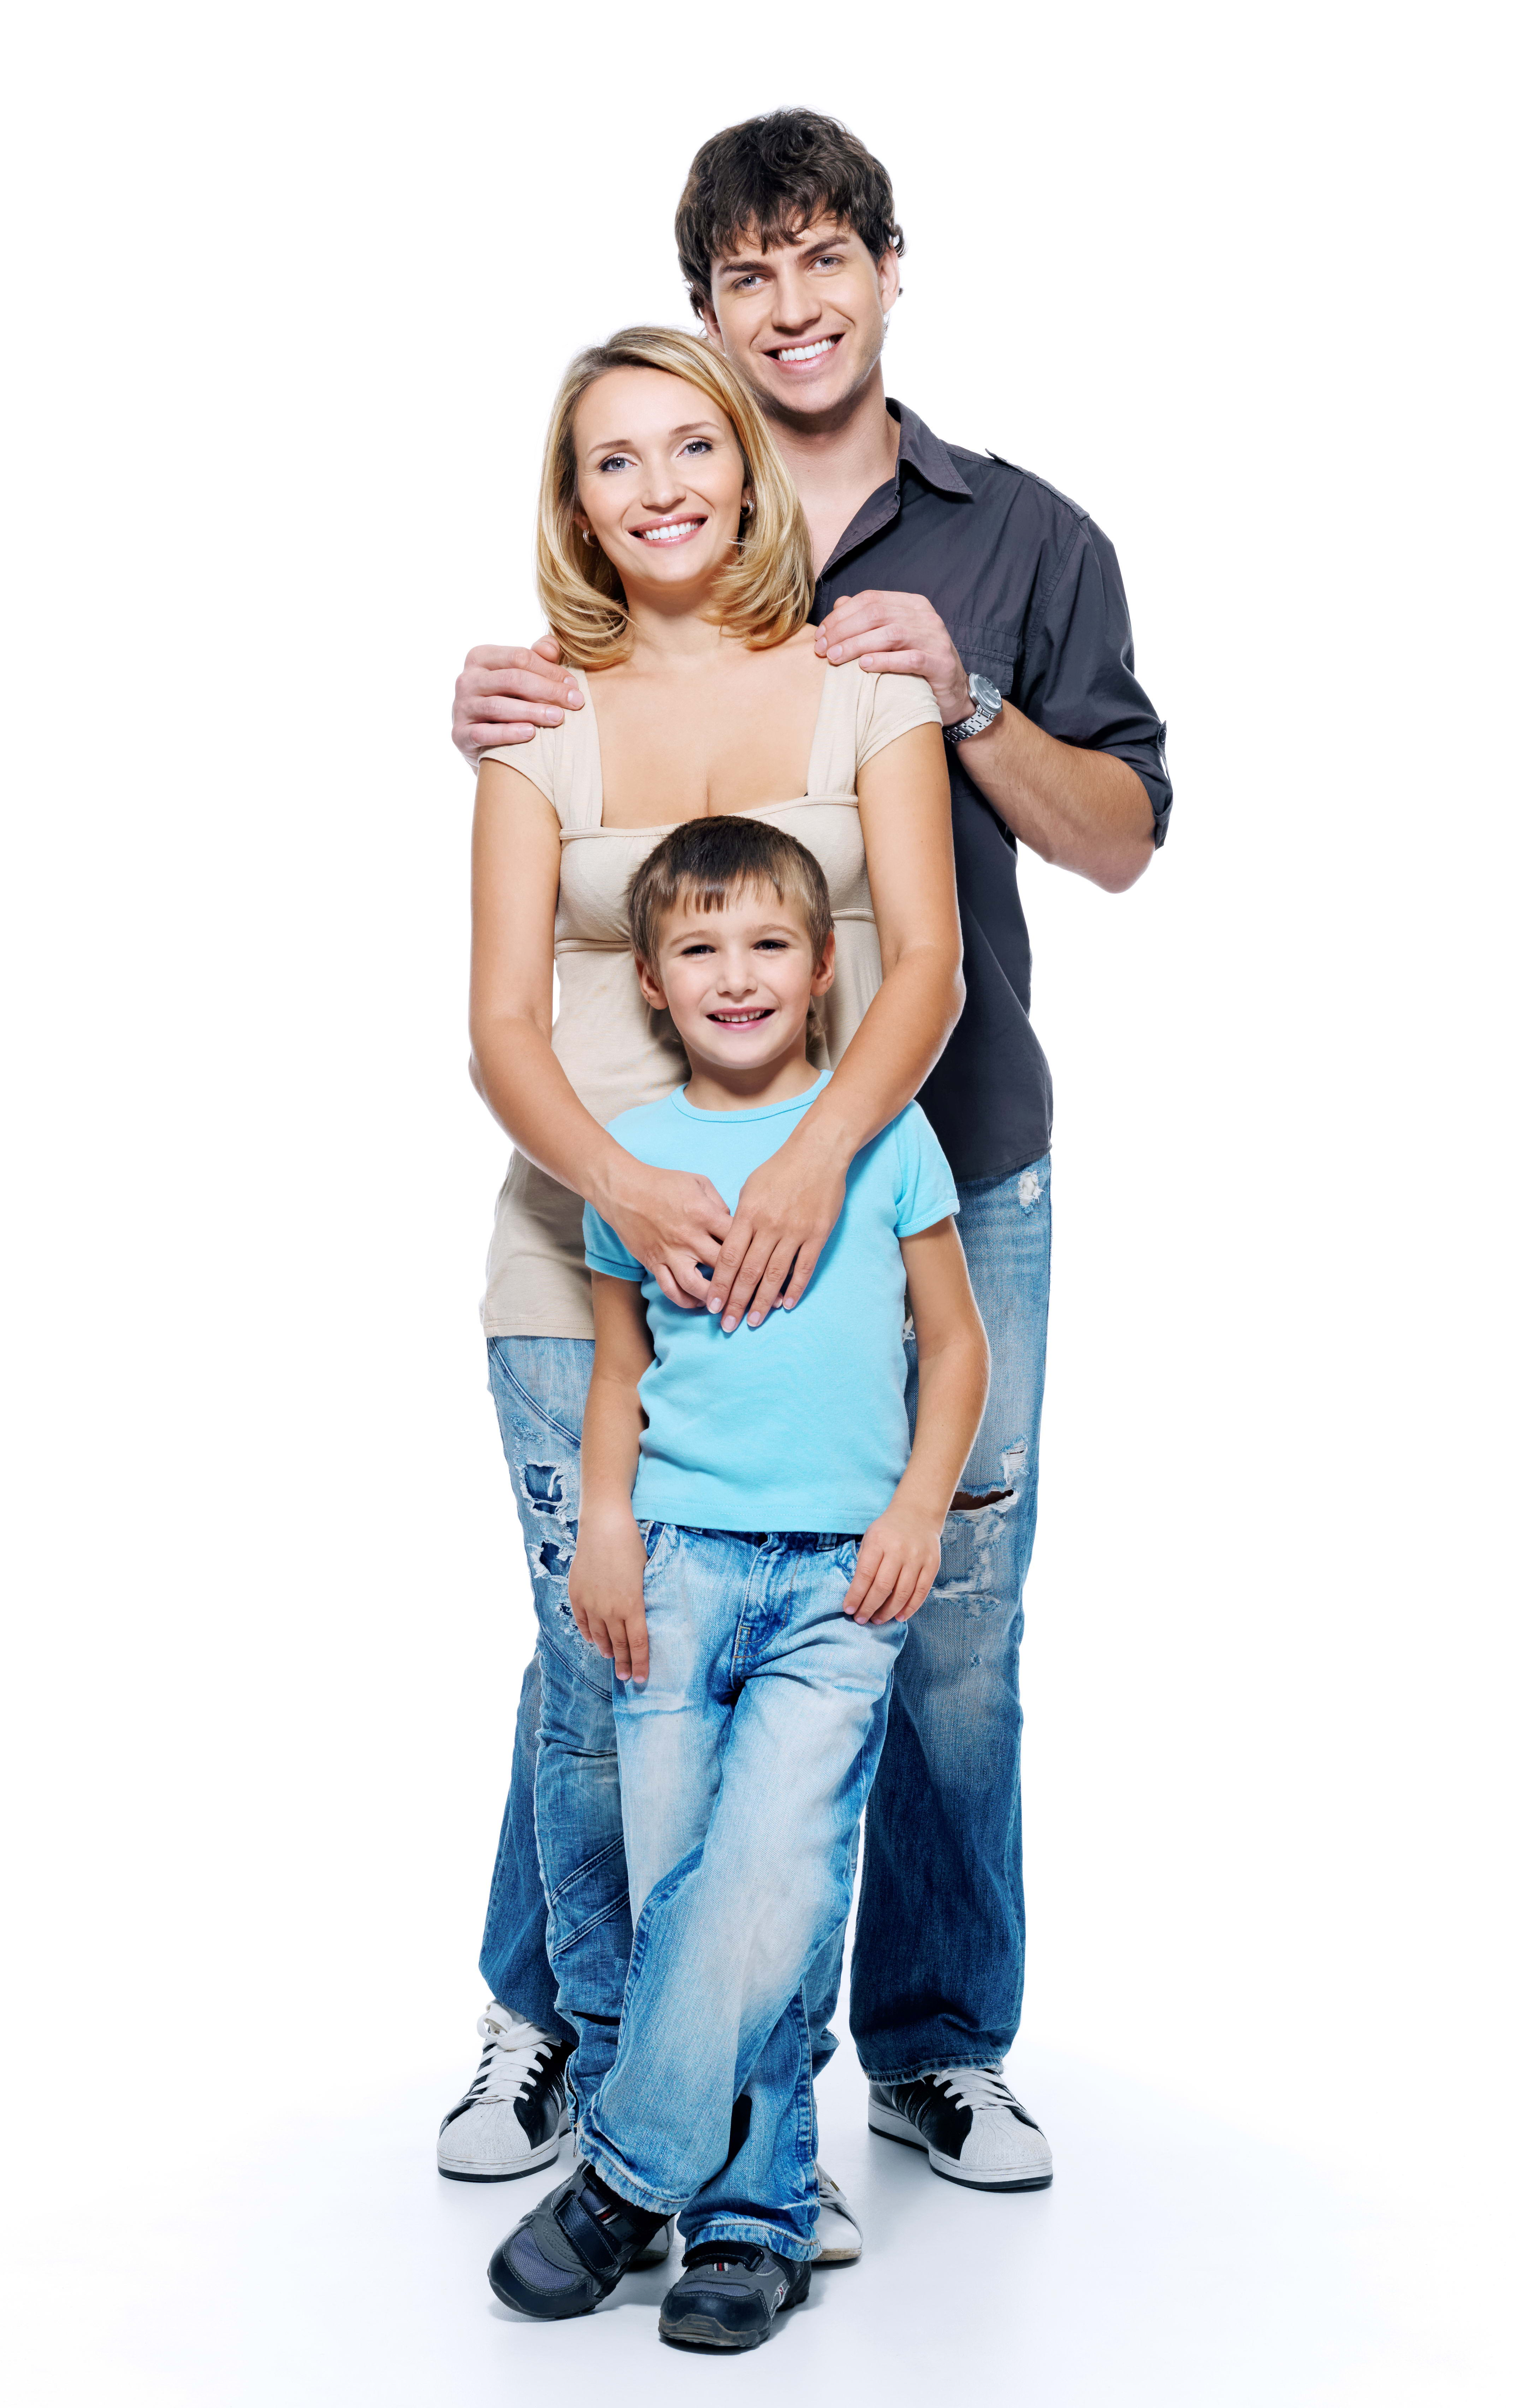 Телефоная семка сына и мамы 14 фотография